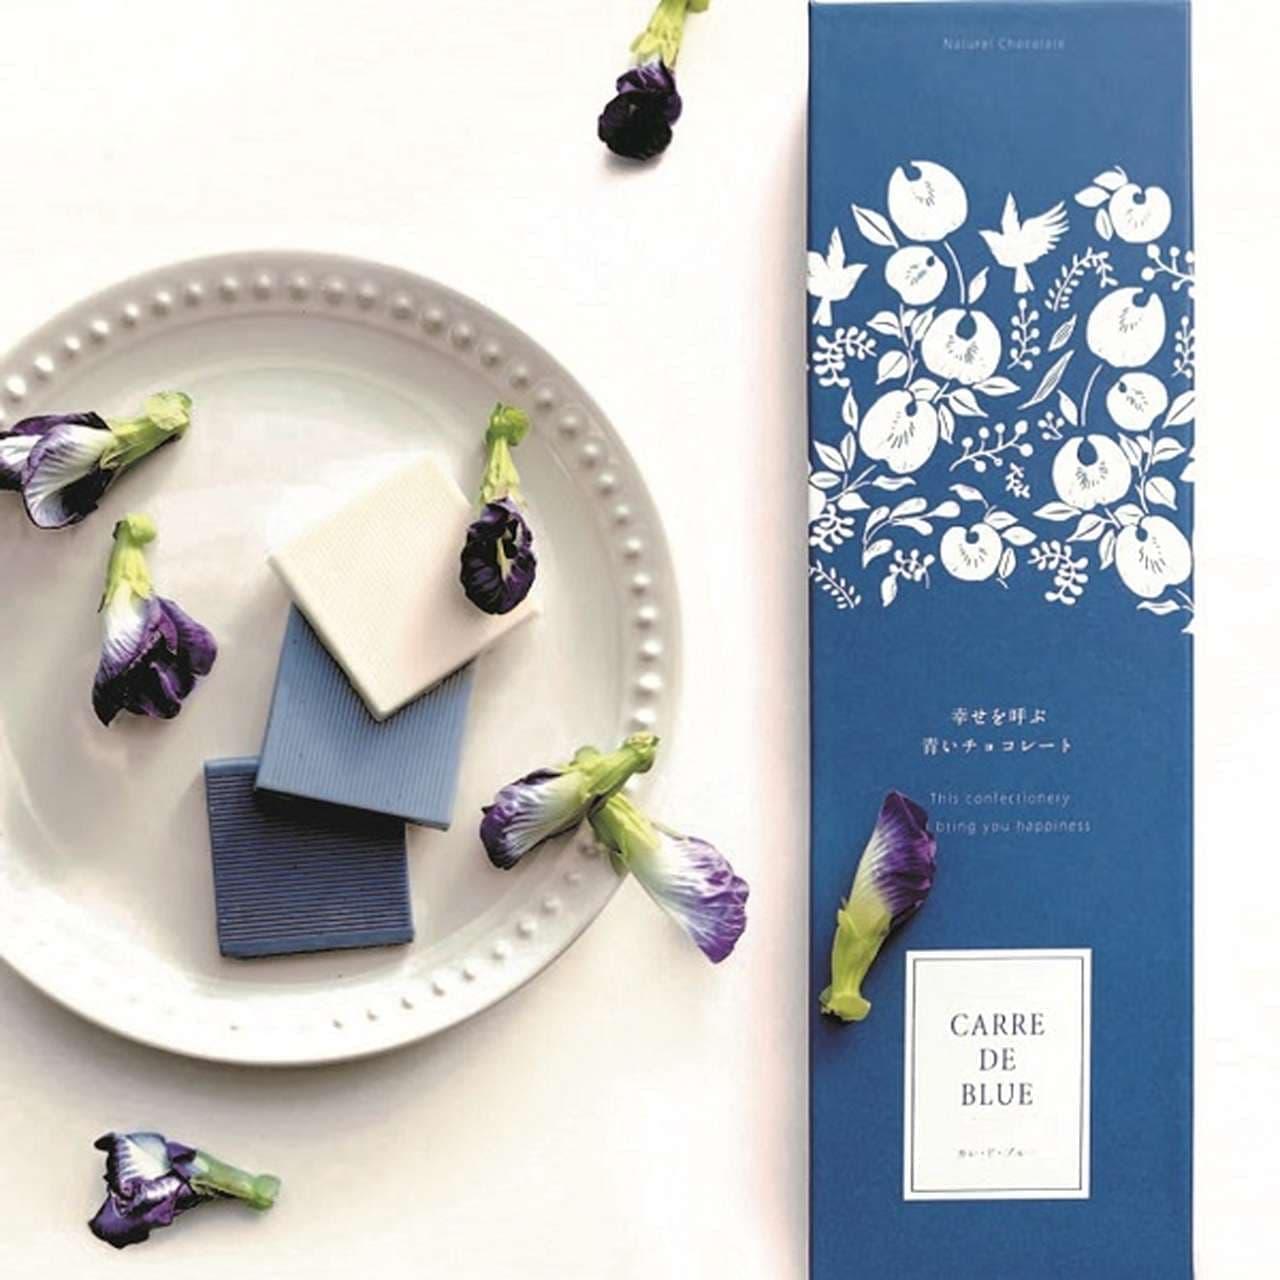 「幸せを呼ぶ青いチョコレート CARRE DE BLUE」ヴィレヴァンオンライン